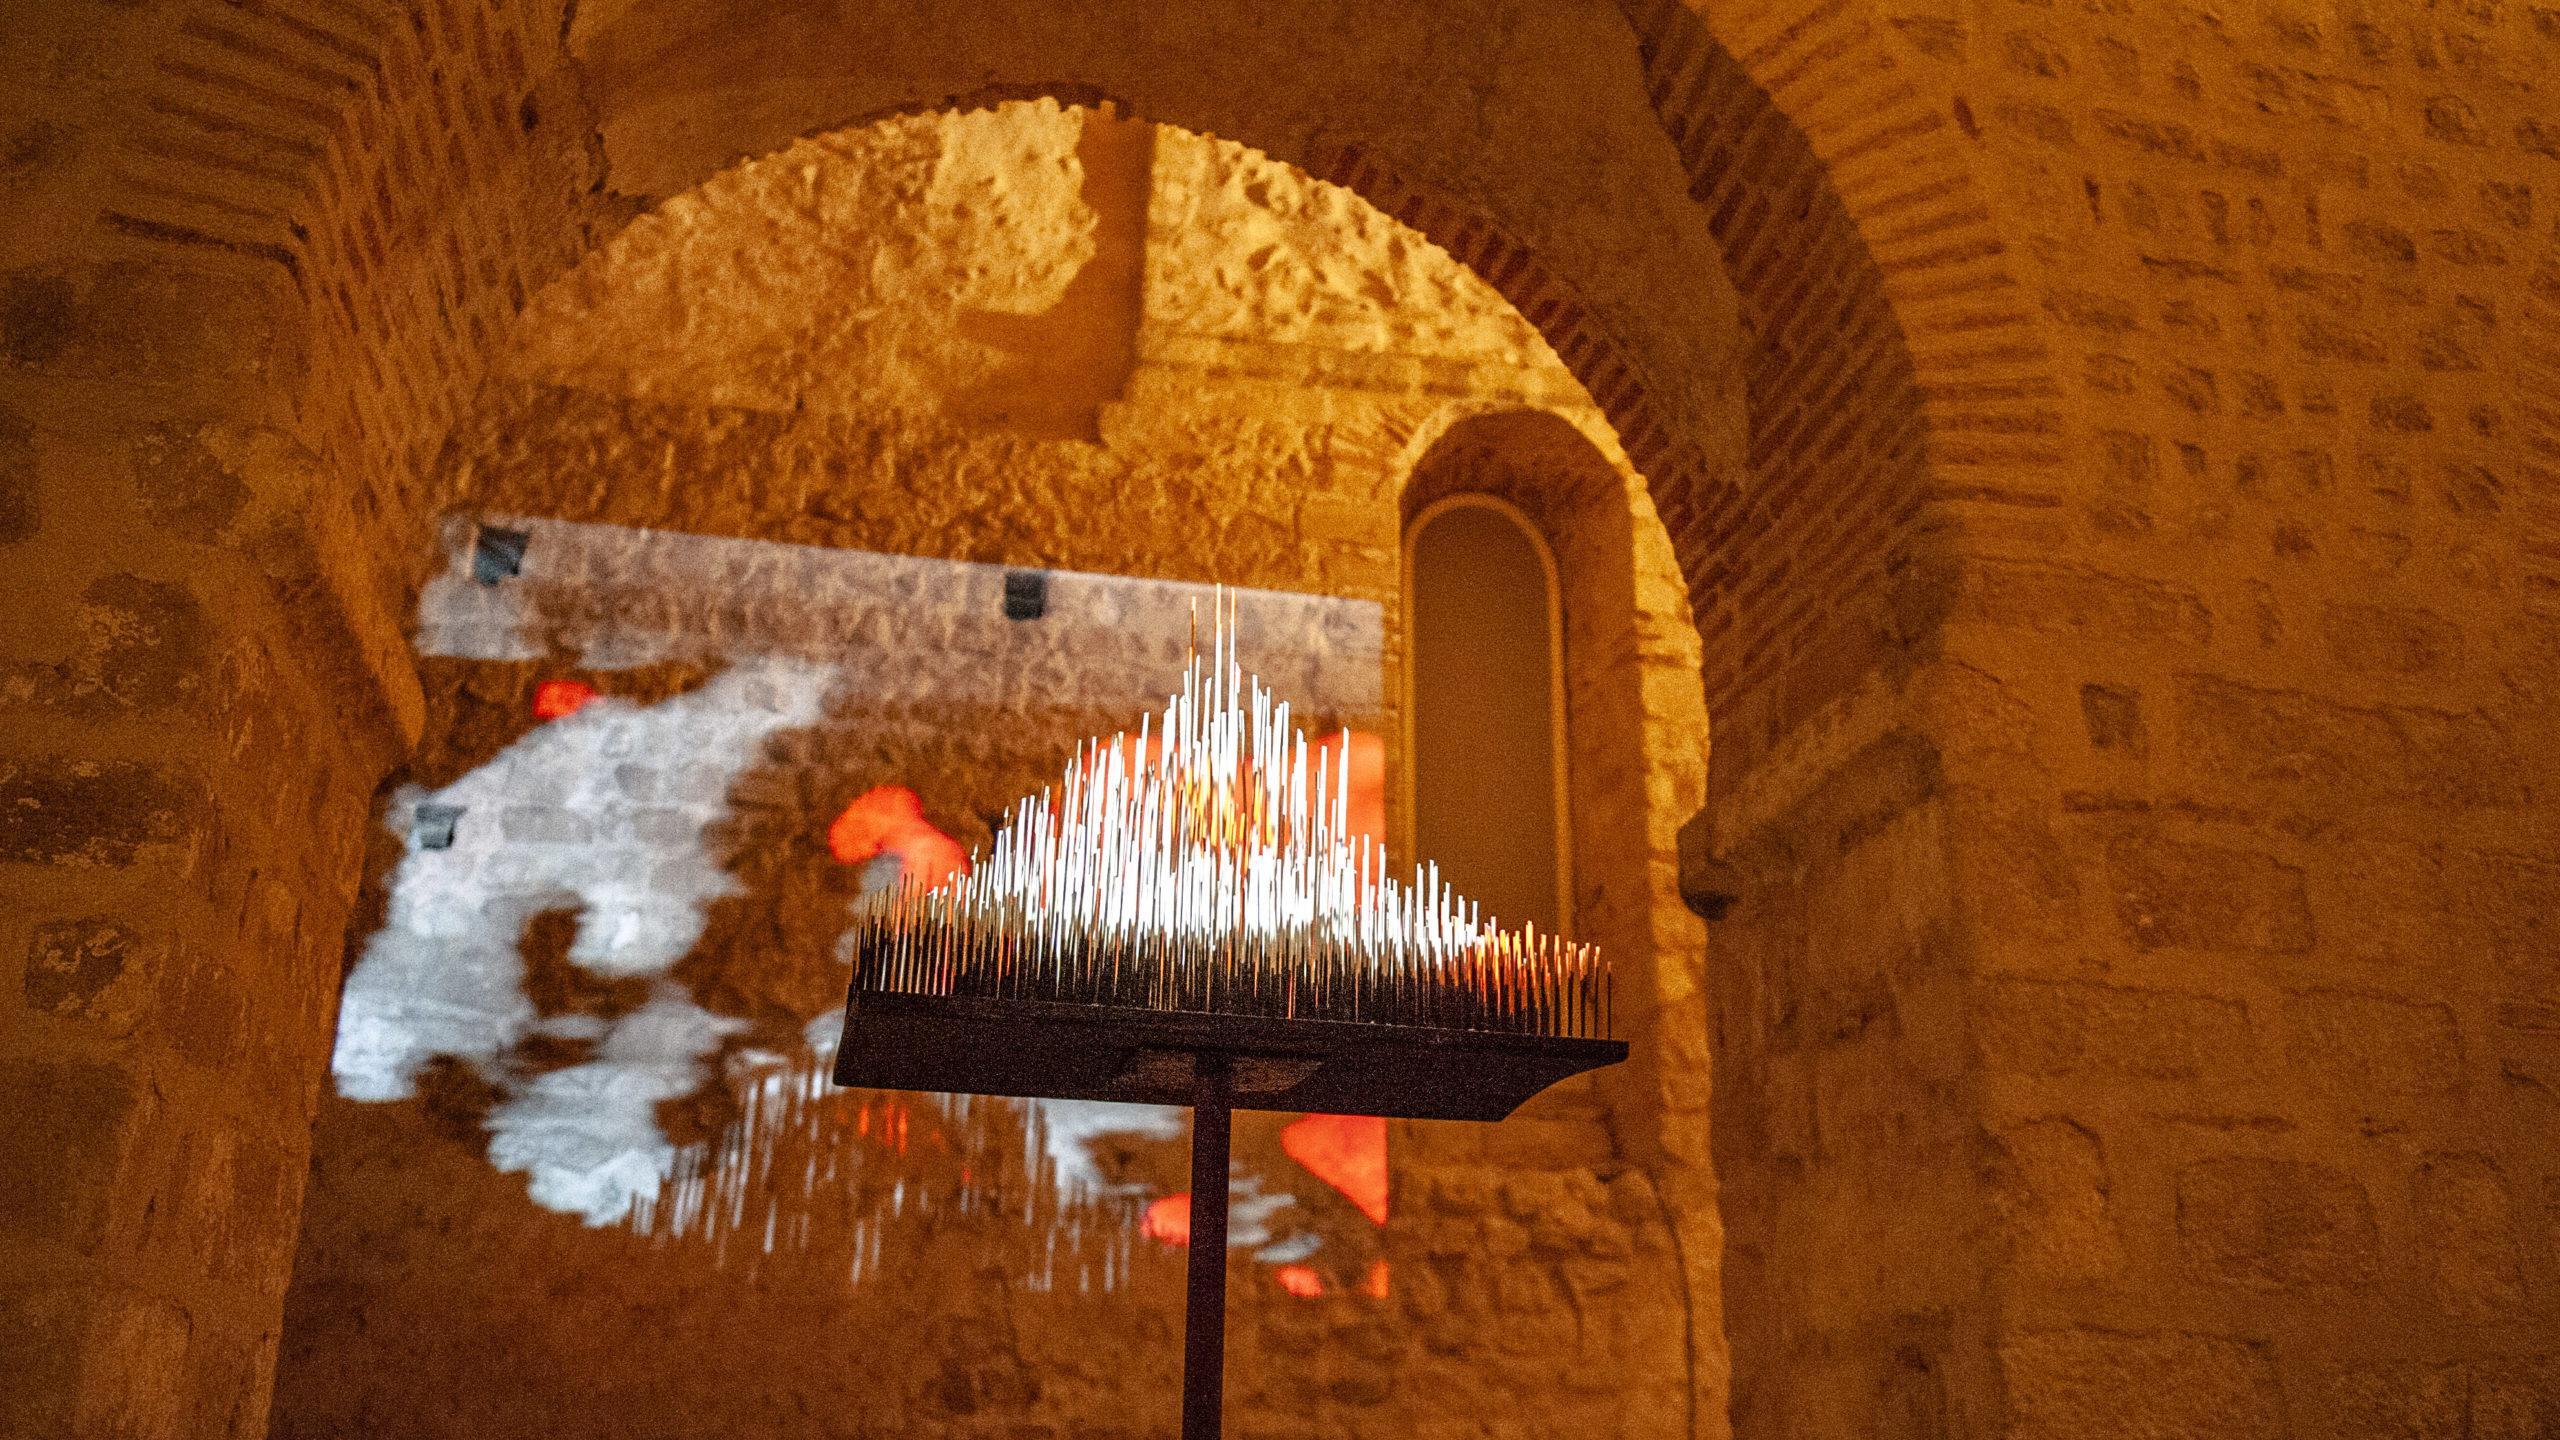 Kunstinstallation bei den Nocturnes am Mont-Saint-Michel. Foto: Hilke Maunder